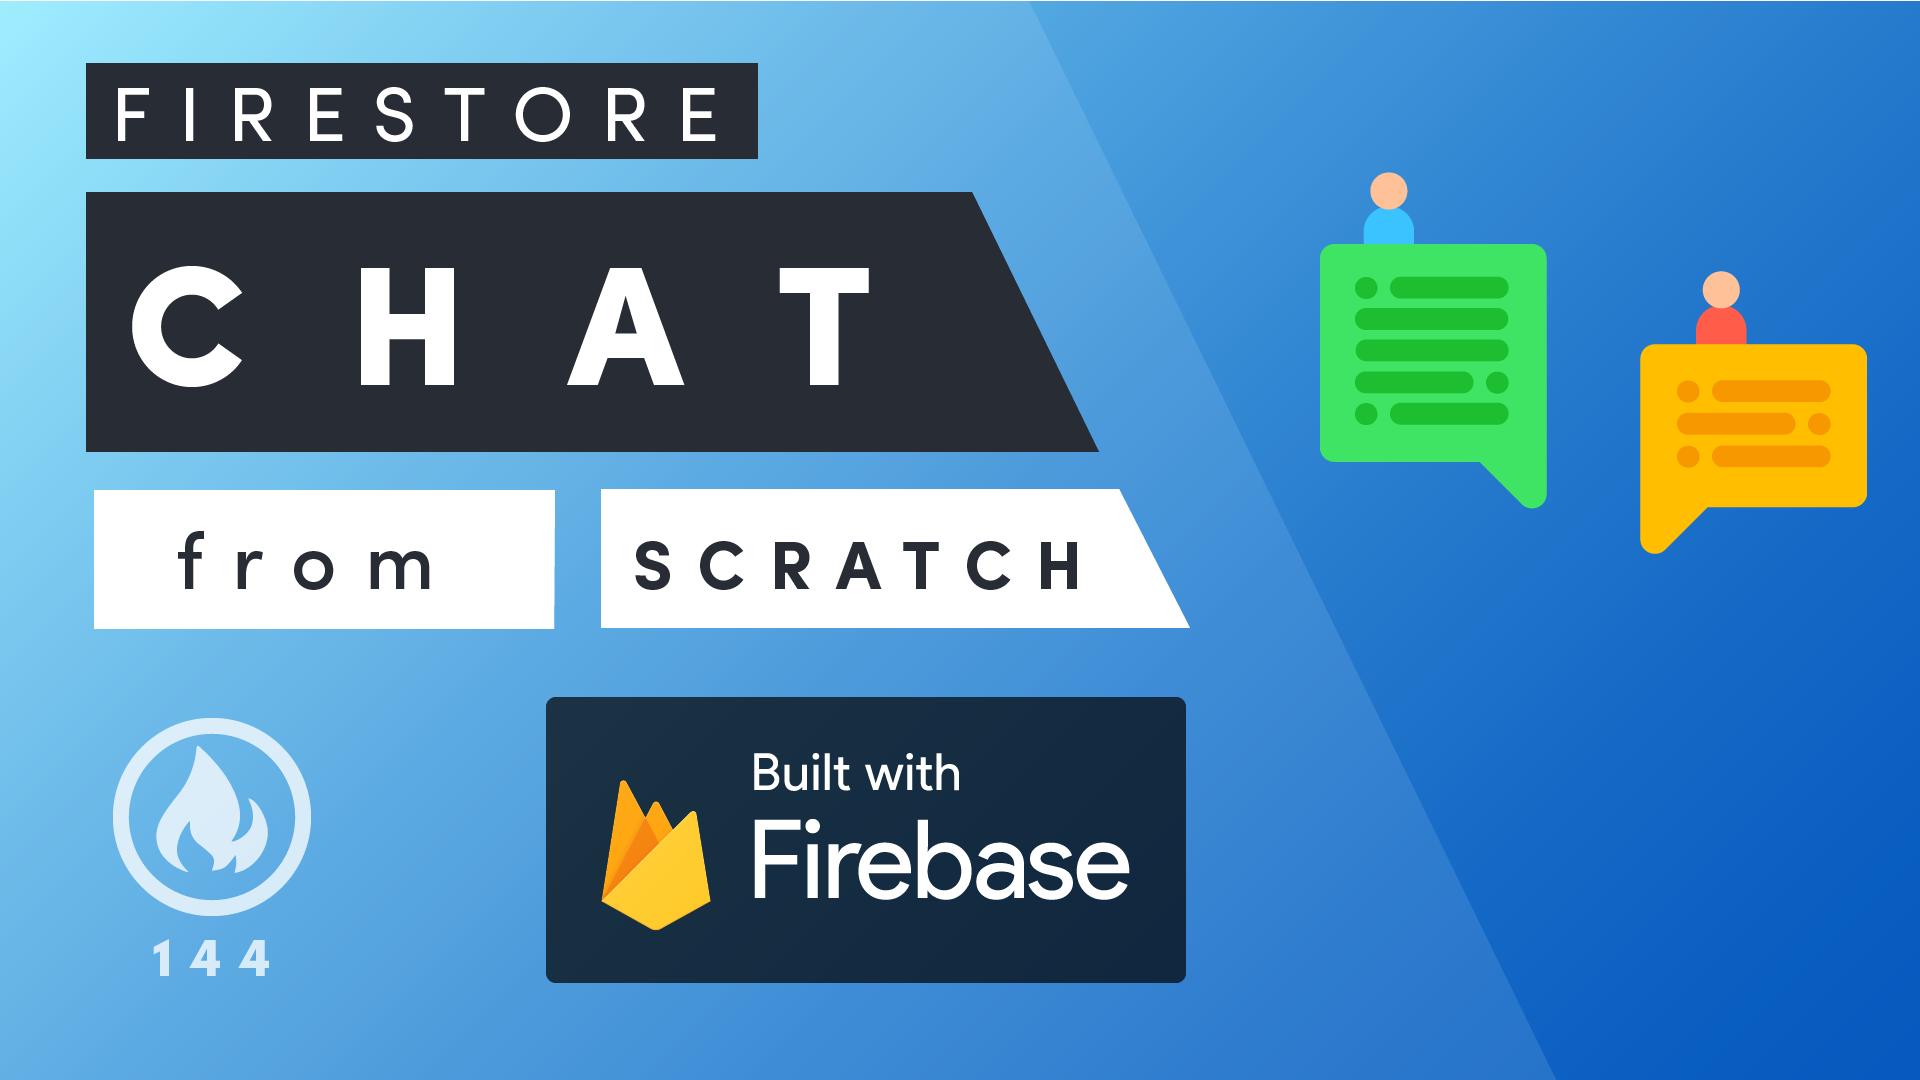 Firestore chat schema